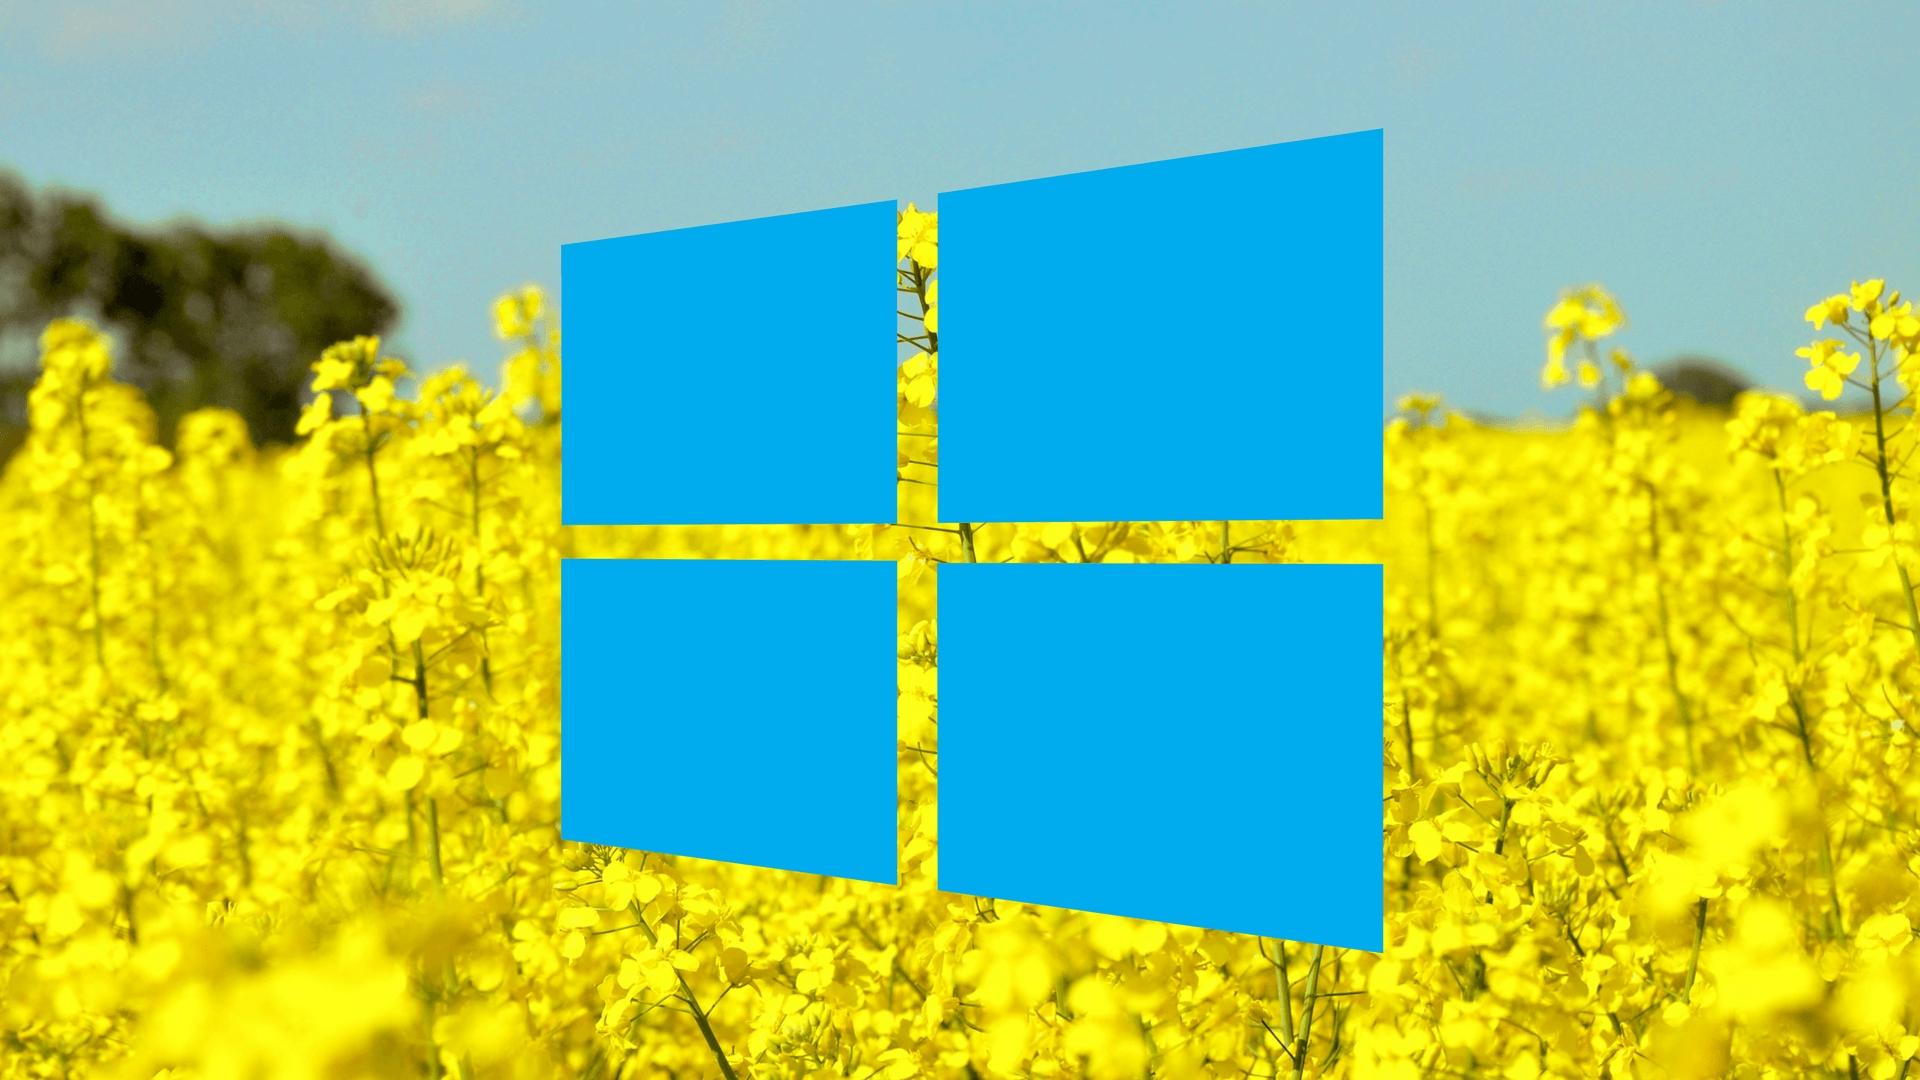 Originální Windows 10 jen nyní za 250 Kč a další produkty ve slevě! [sponzorovaný článek]